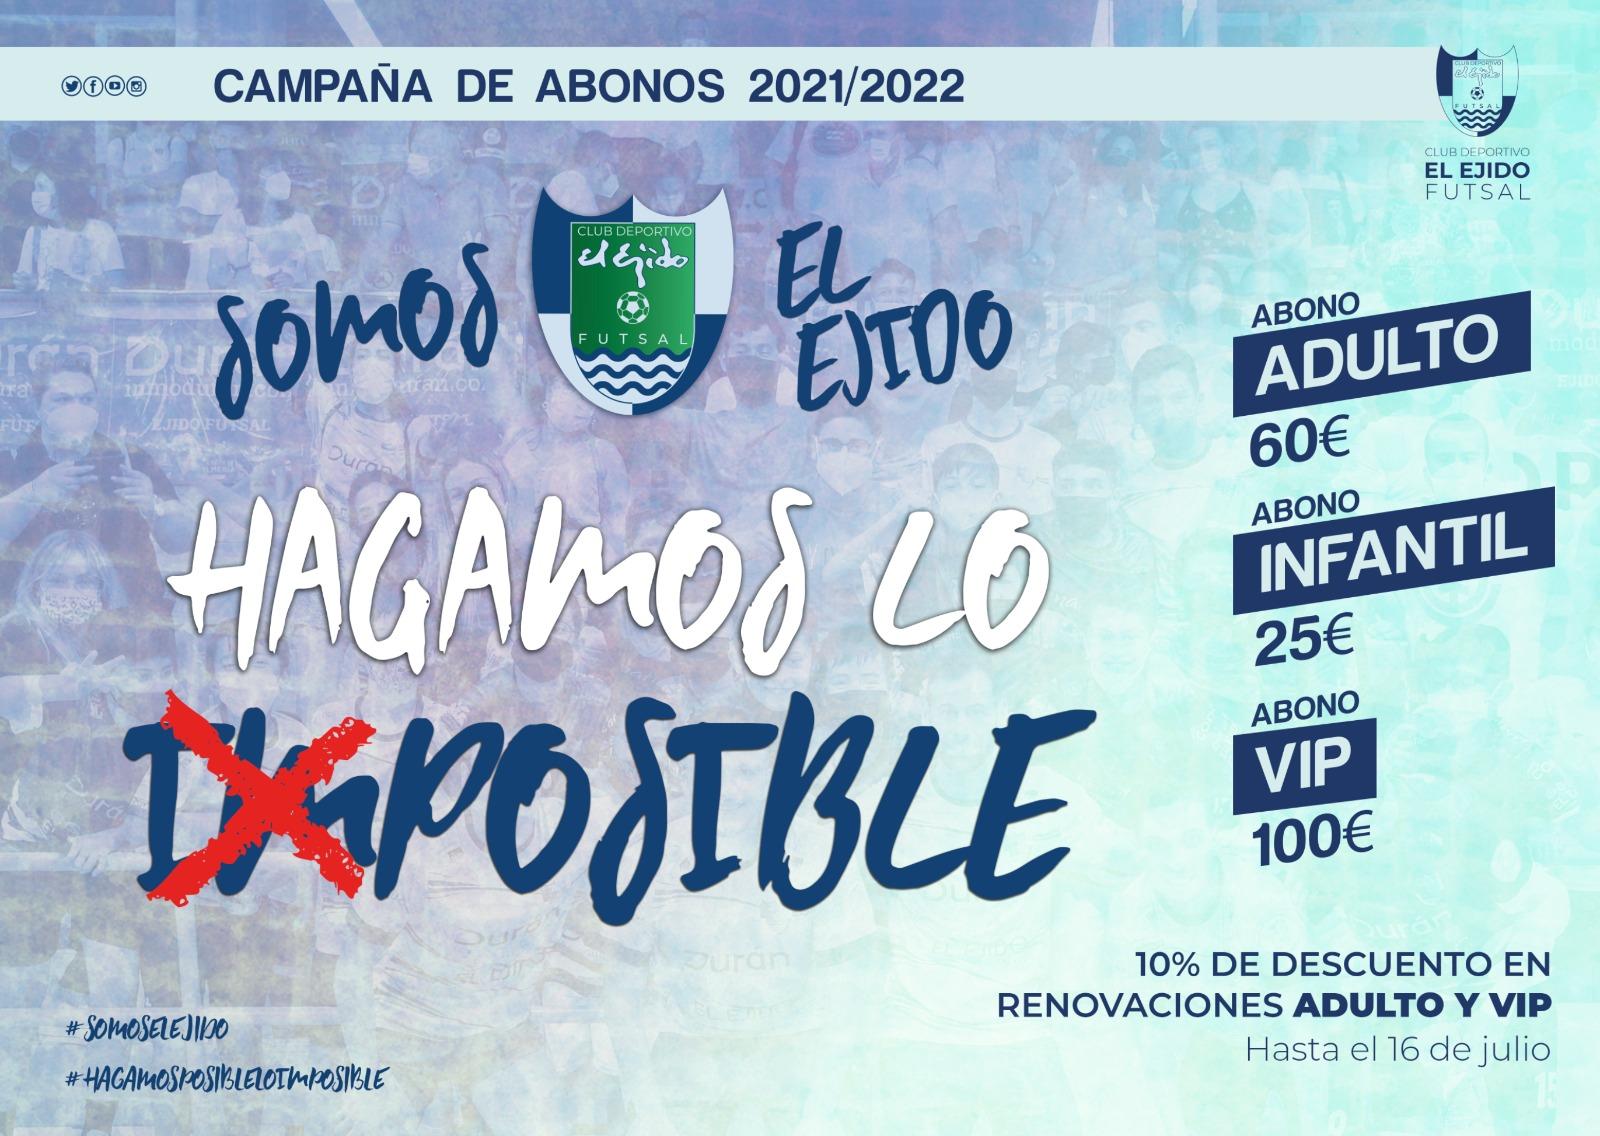 CD El Ejido Futsal Campaña de Abonos 2021